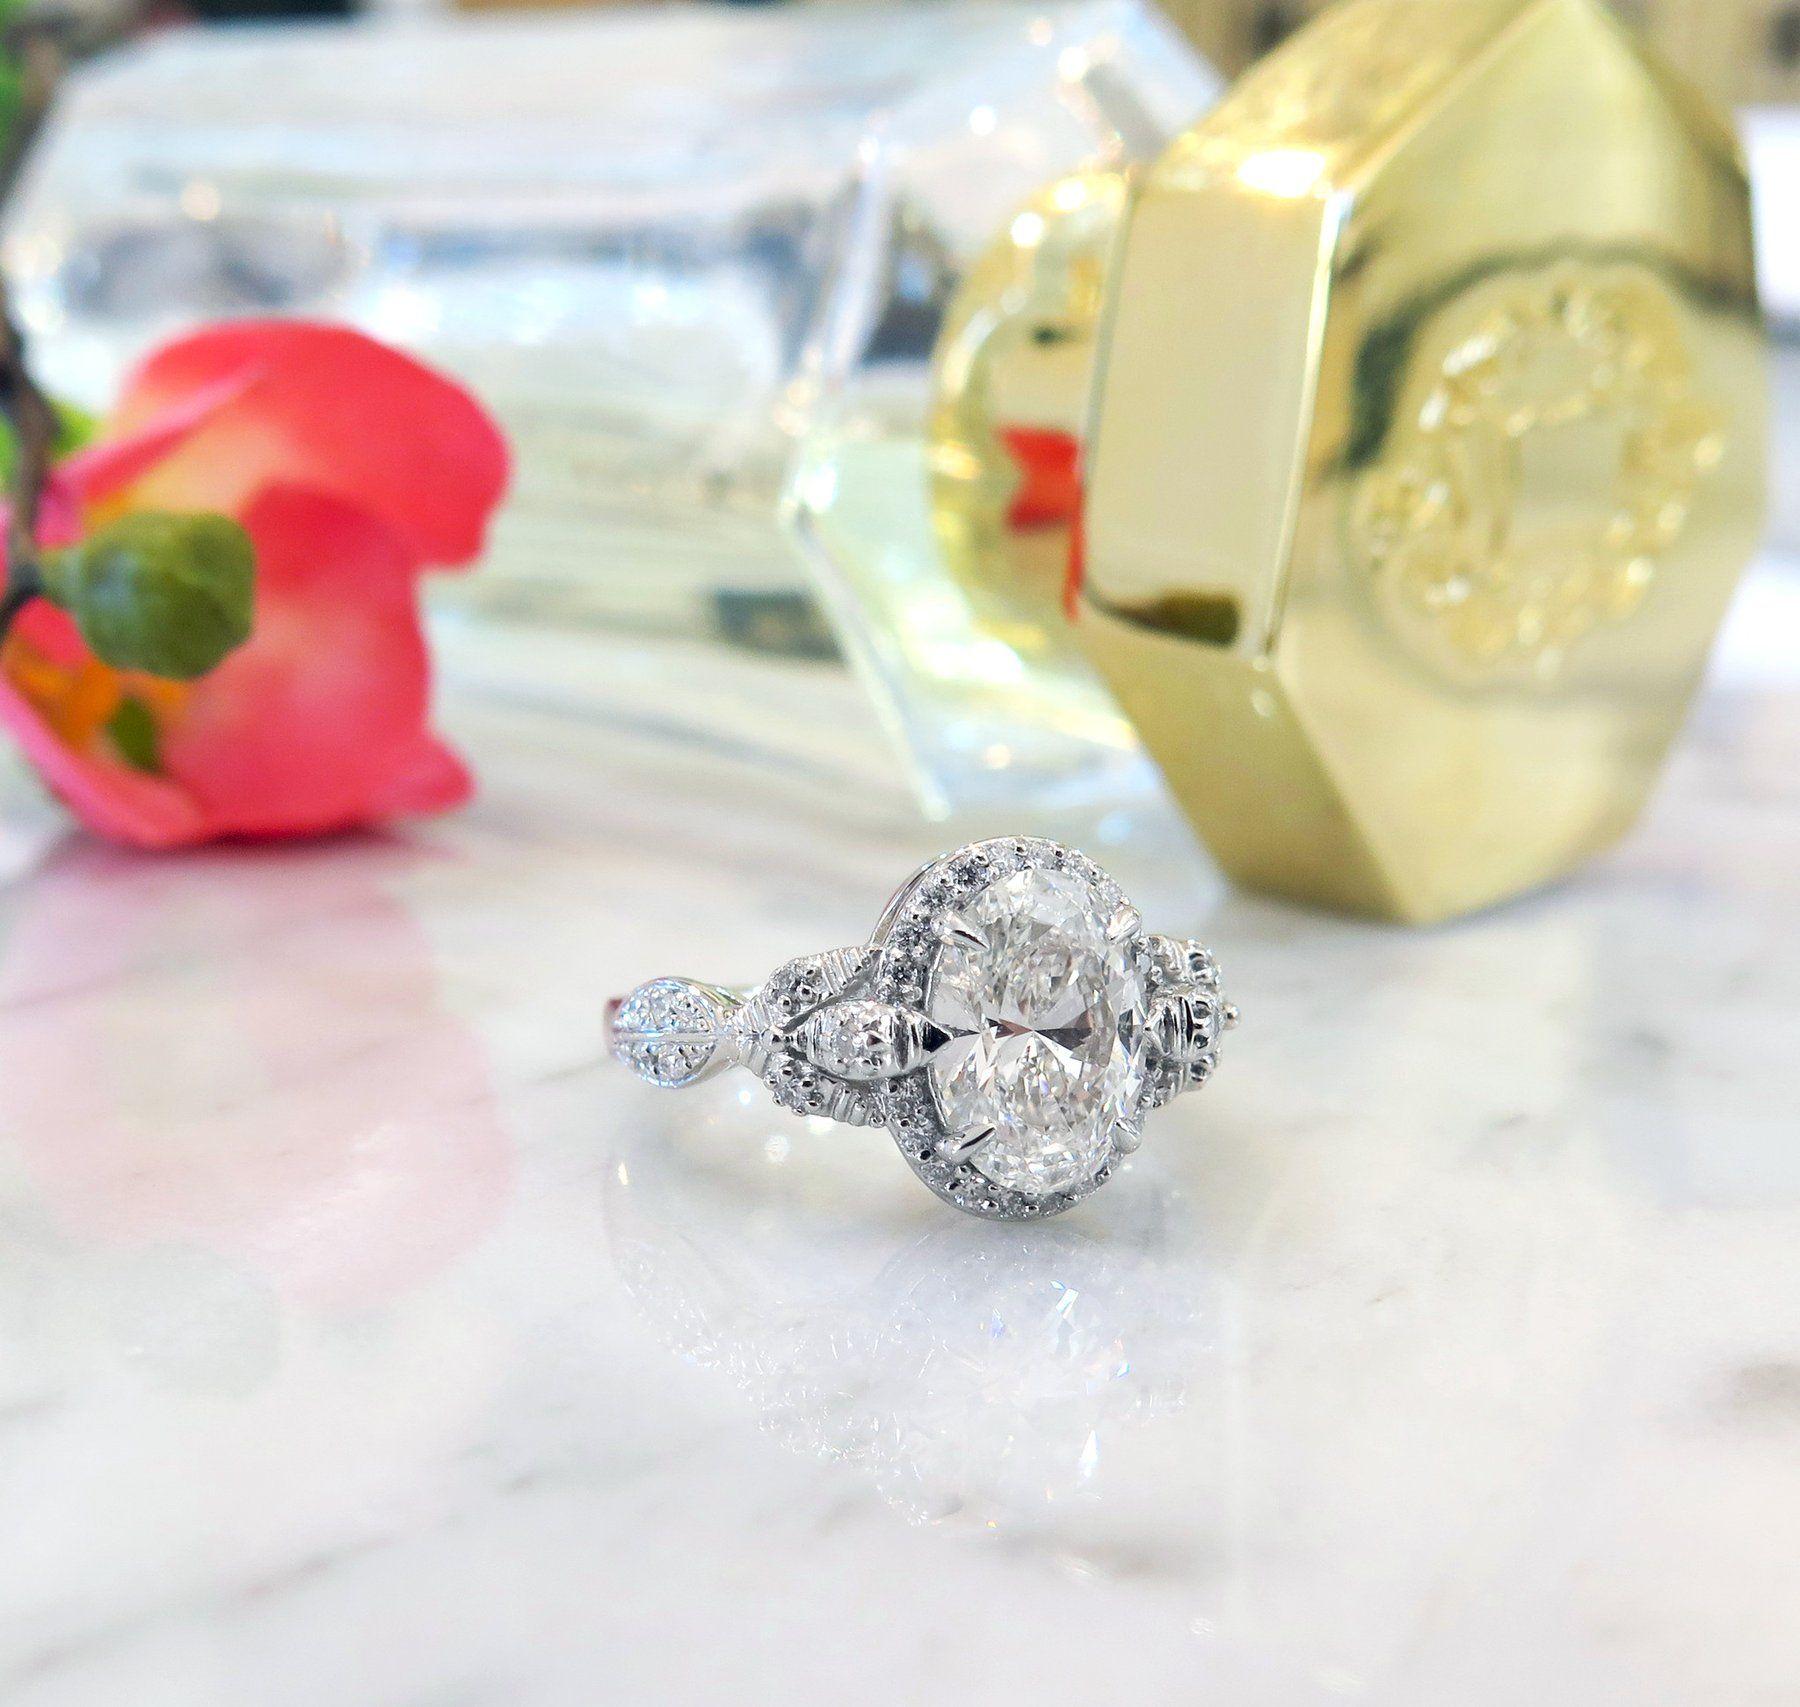 Maiya Diamond Ring Diamond